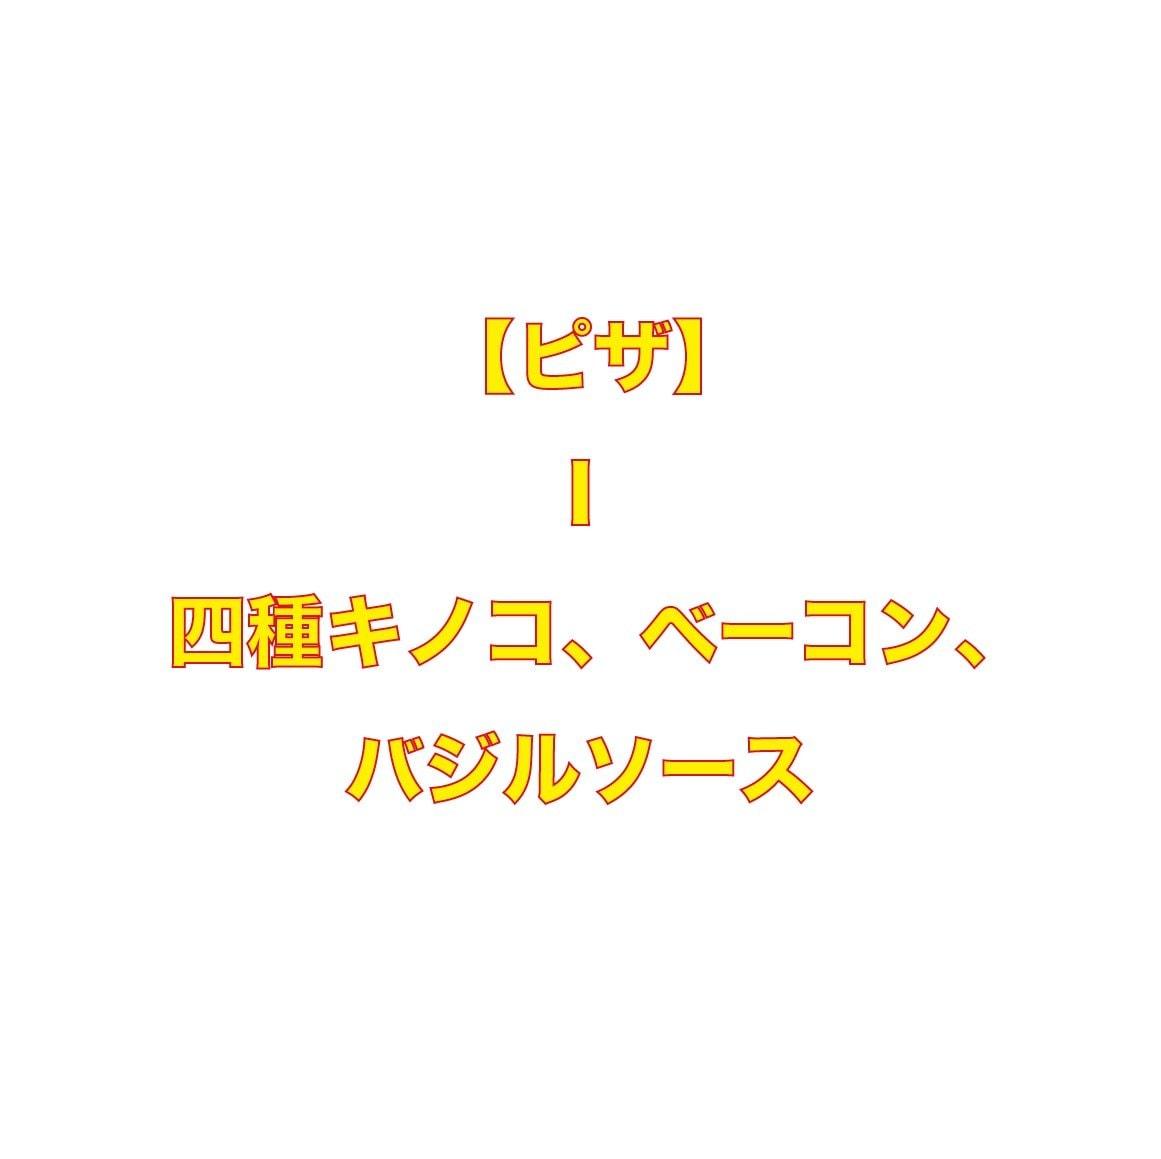 【ピザ】I(四種キノコ、ベーコン、バジルソース)のイメージその1